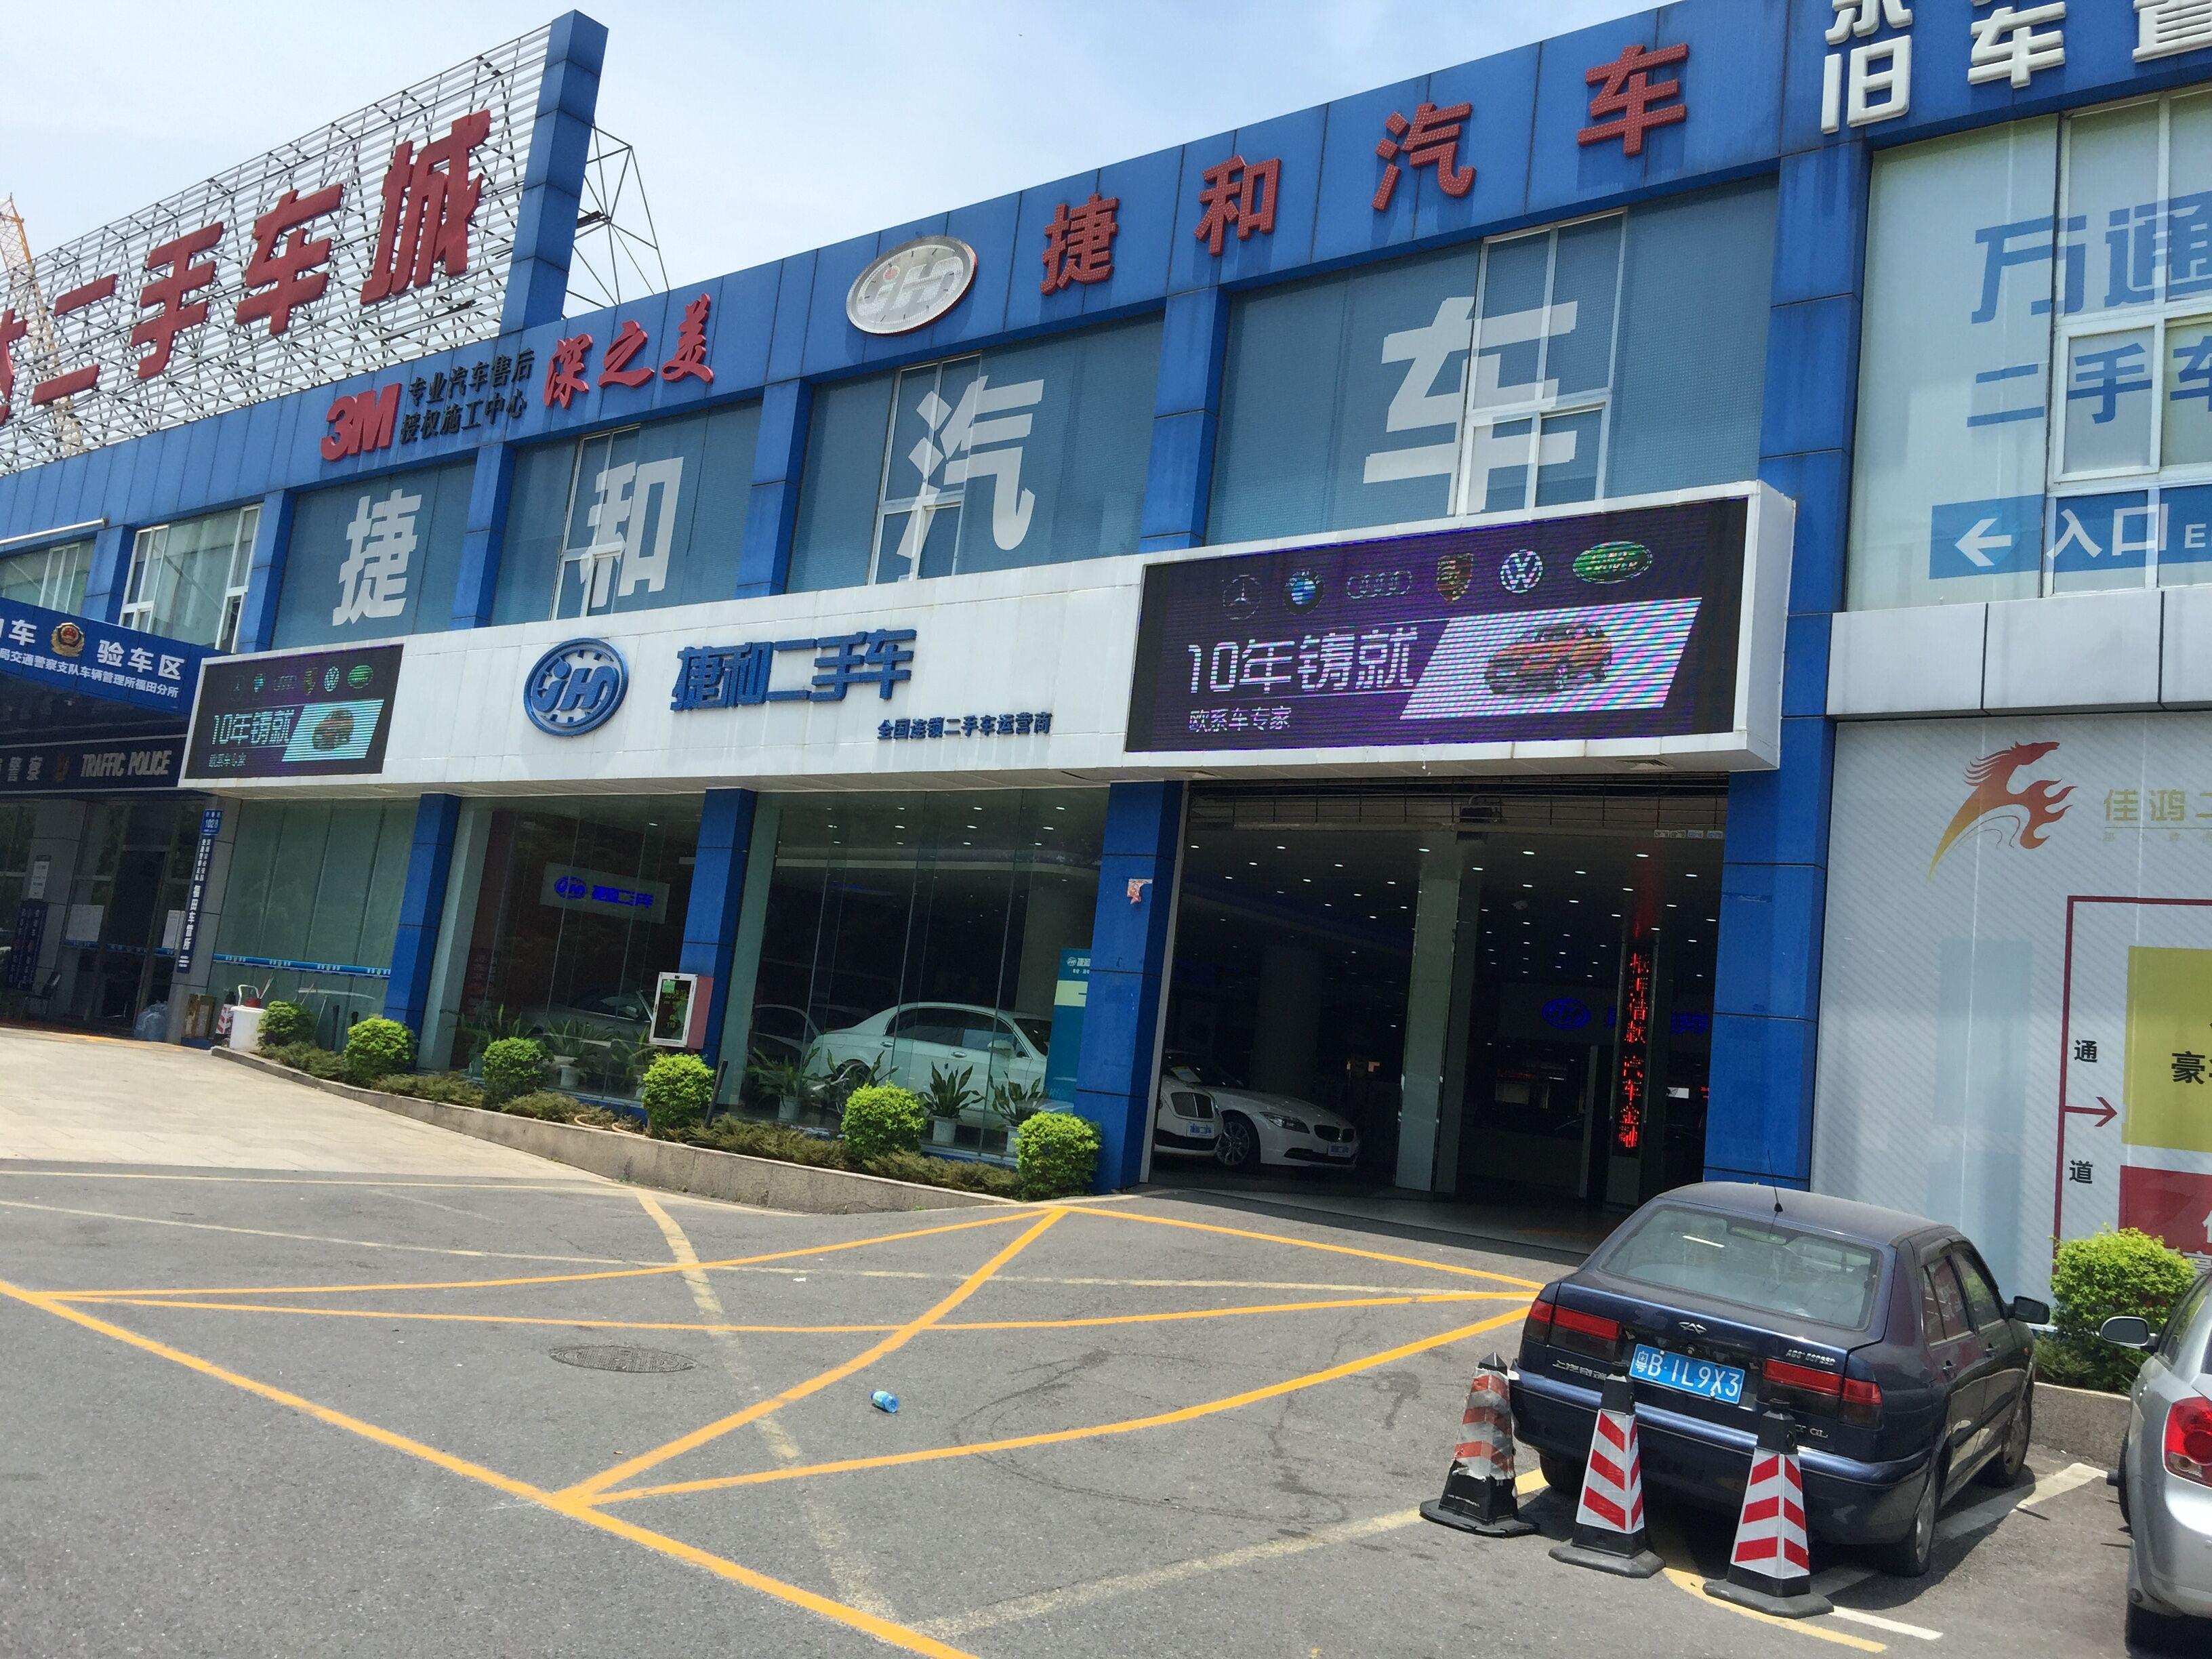 深圳捷和汽车贸易连锁有限公司